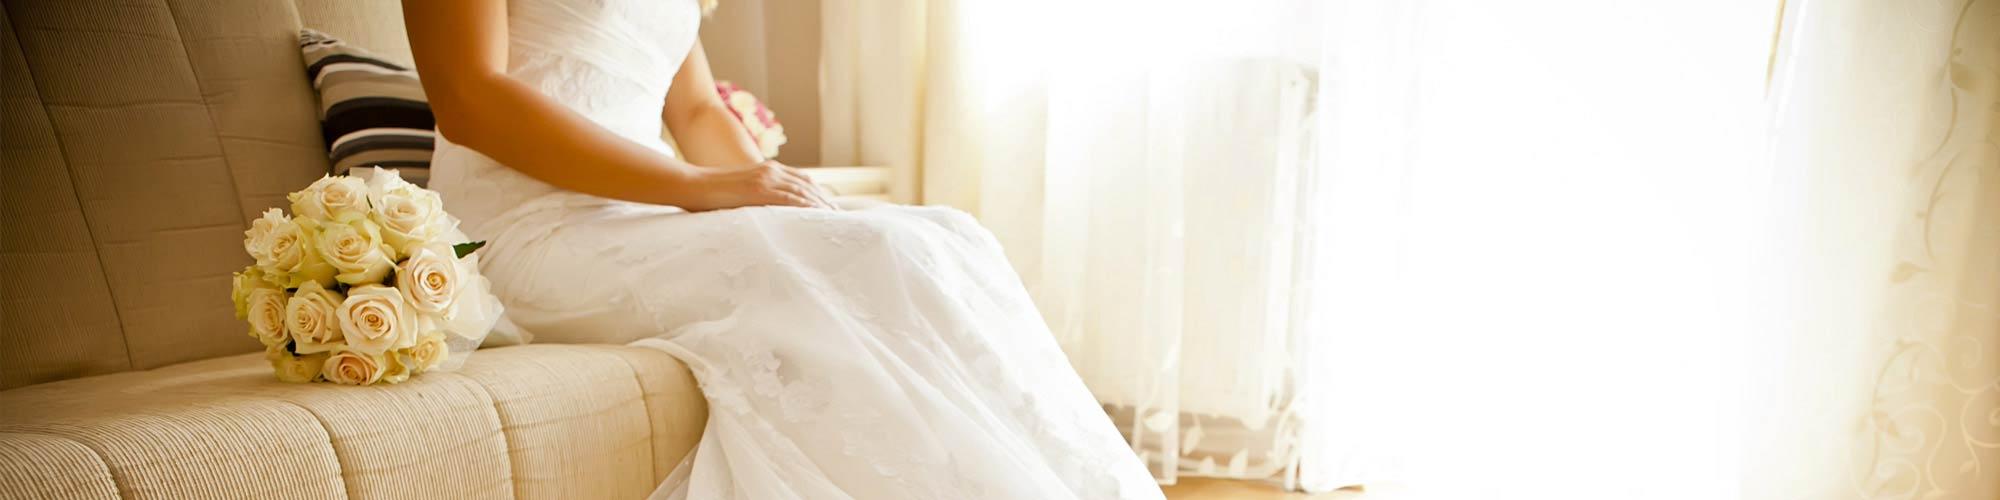 bride-the-wedding-pro